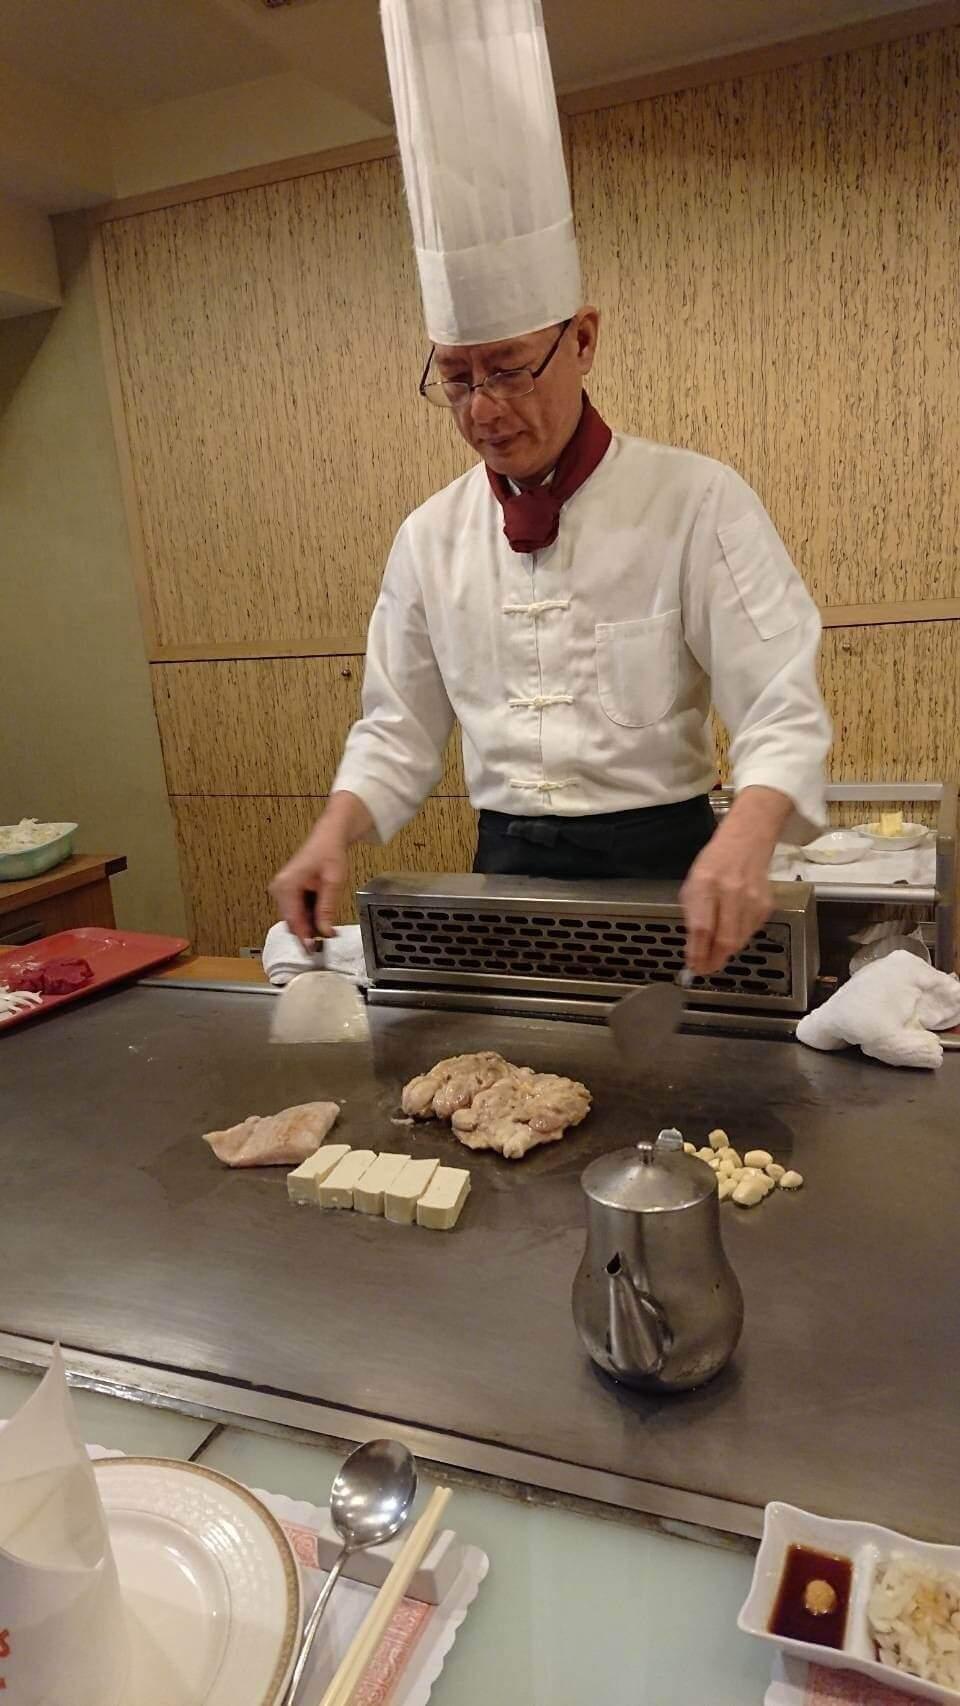 【台北南京】美心鐵板燒–店老卻仍認真講究的美味鐵板燒